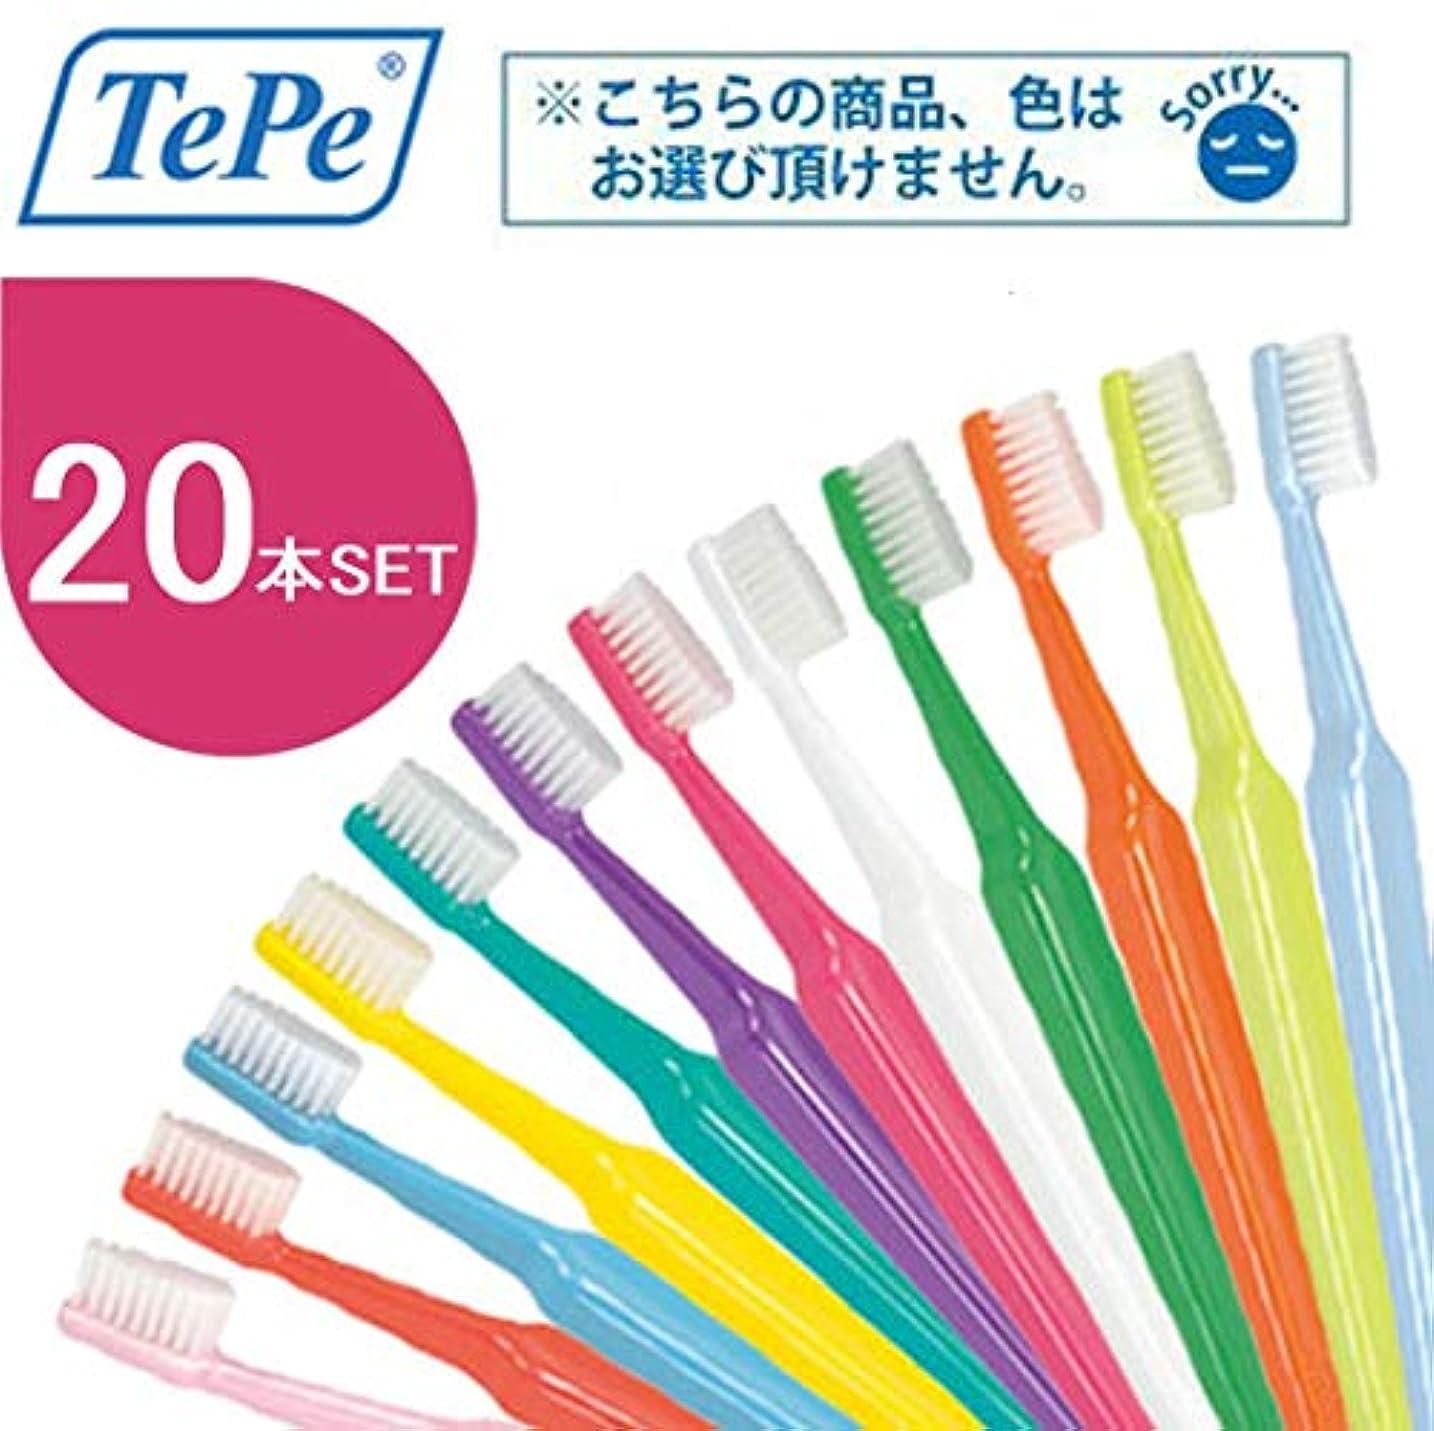 緊張する驚き機械クロスフィールド TePe テペ セレクト 歯ブラシ 20本 (ソフト)